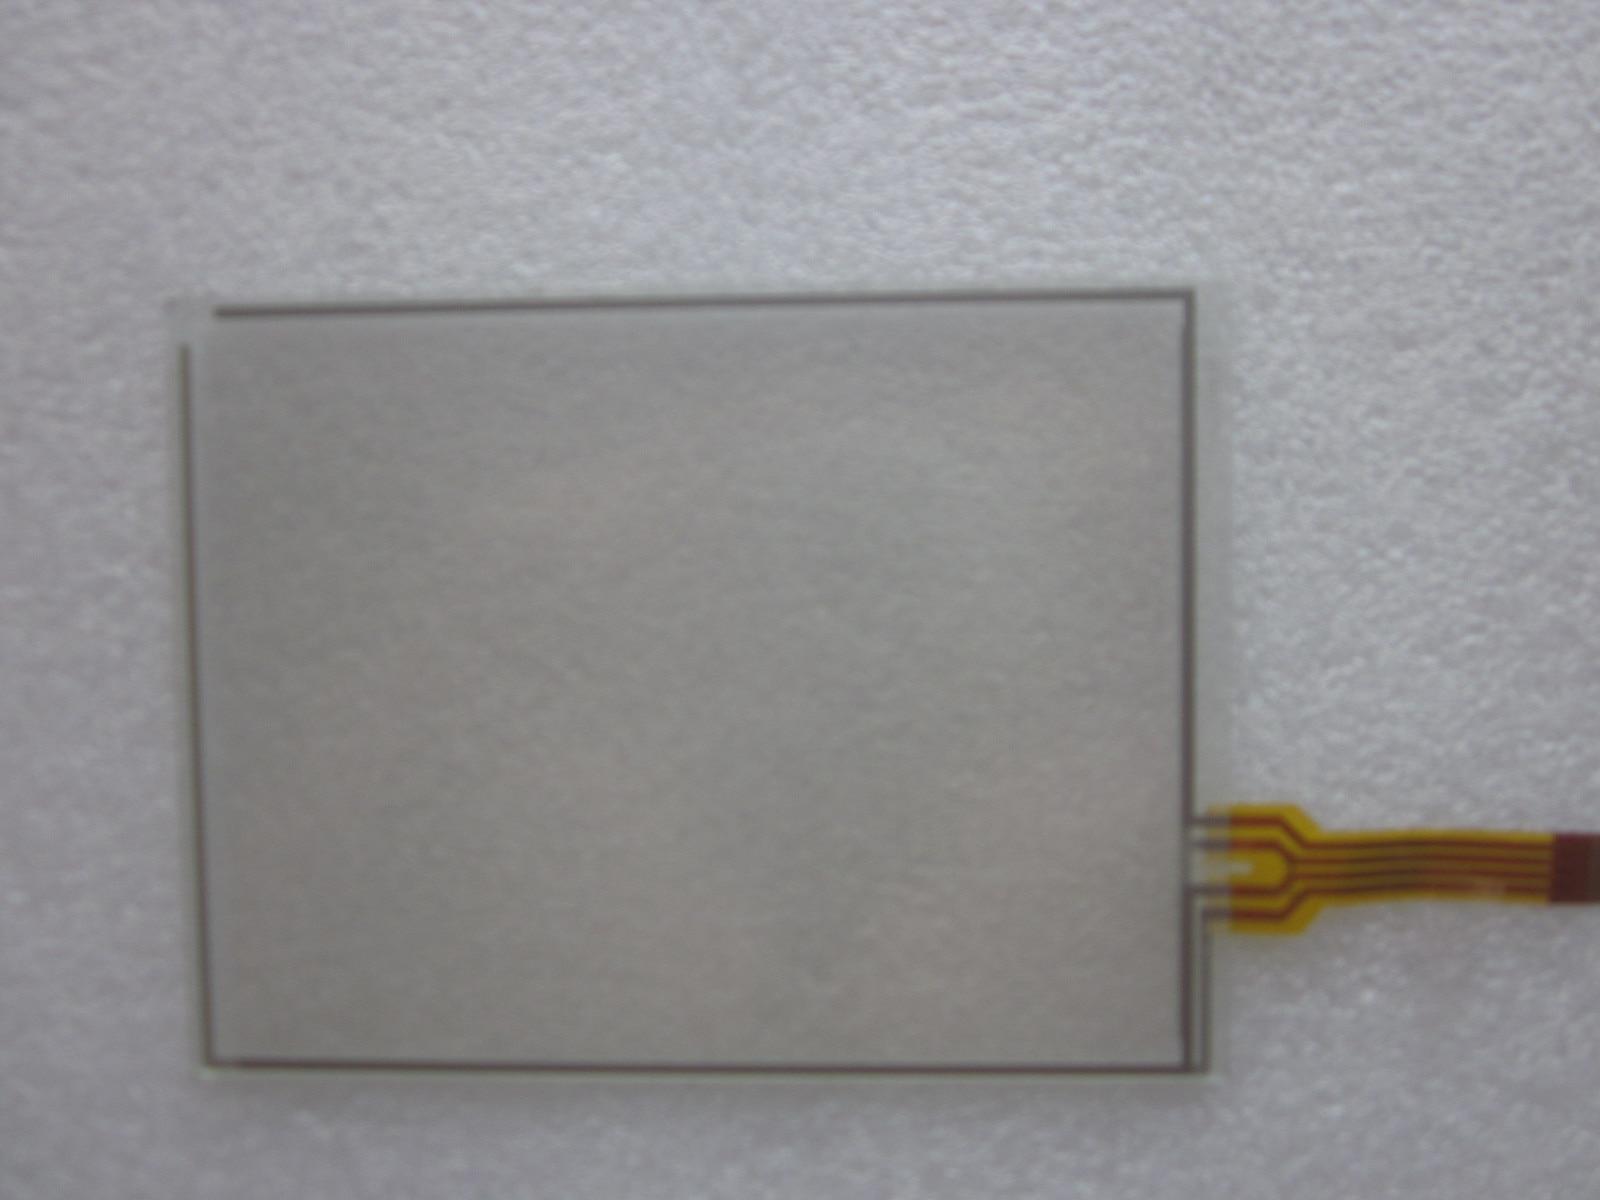 AGP3301 L1 D24 AGP3301 L1 D24 M Touch Glass Panel for Pro face HMI Panel repair